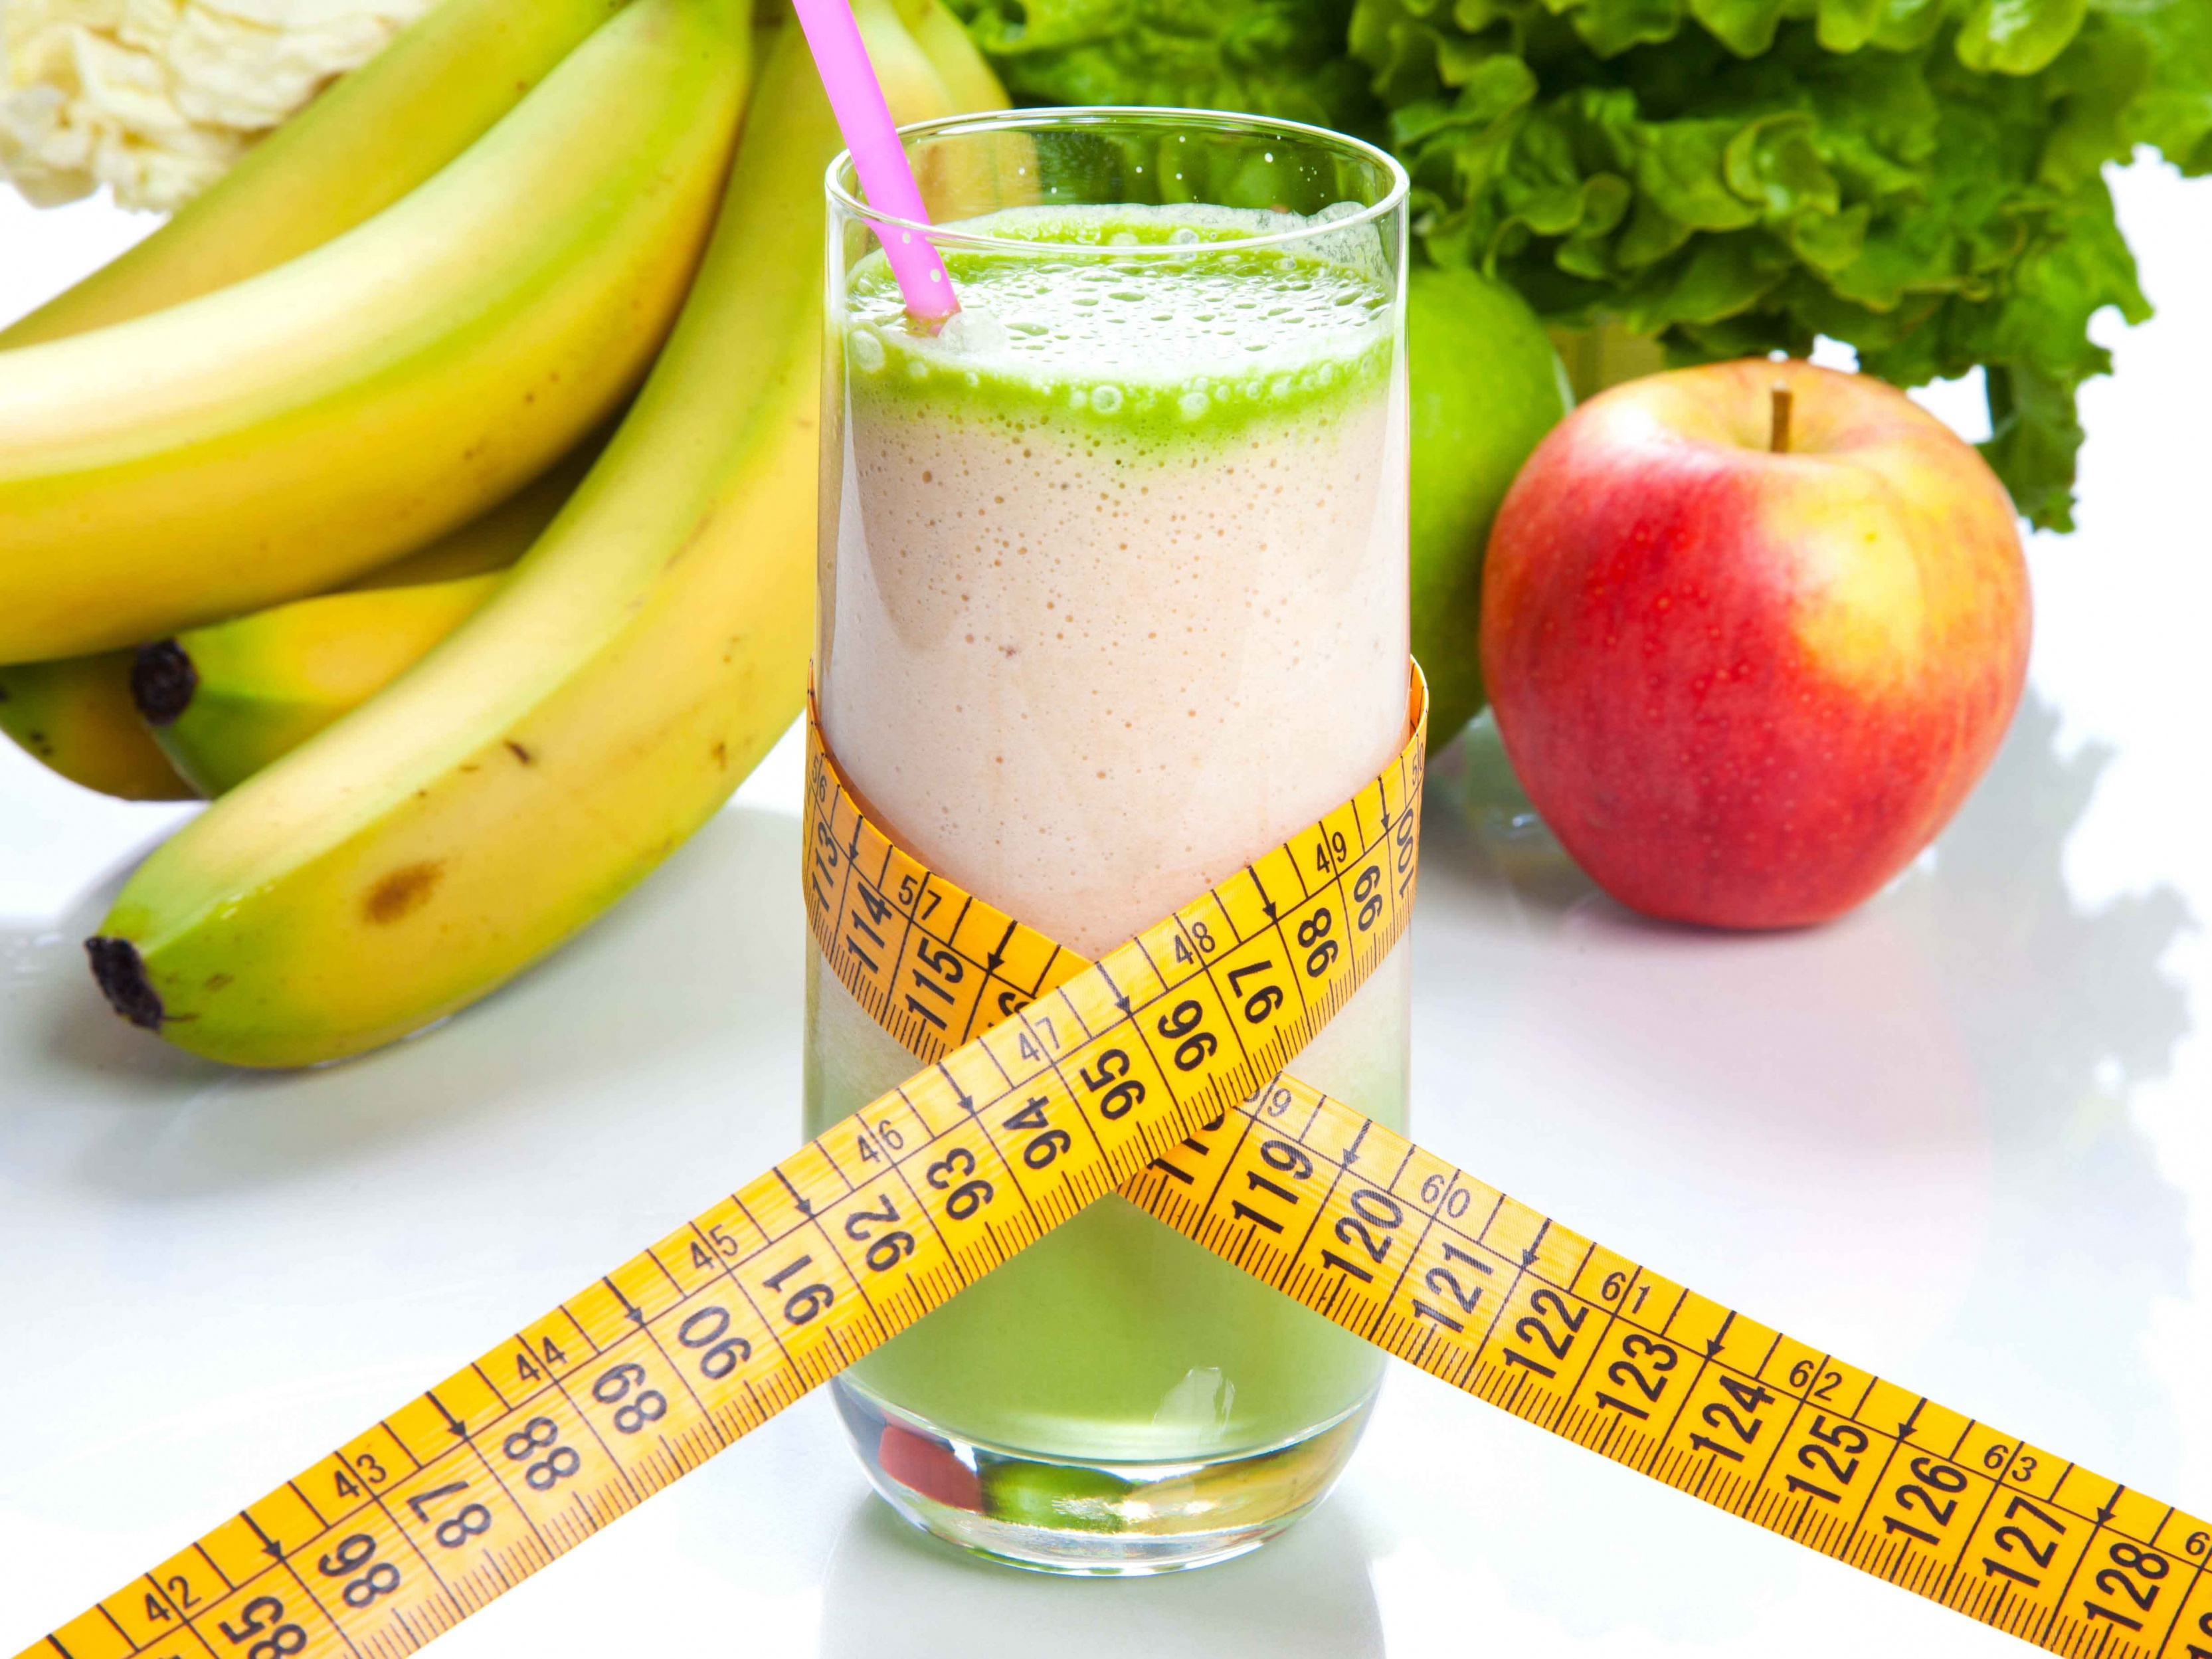 Шоколадная диета для похудения: меню на 3 дня, на 7 дней, выход из шоколадной диеты; реальные результаты похудения   inwomen